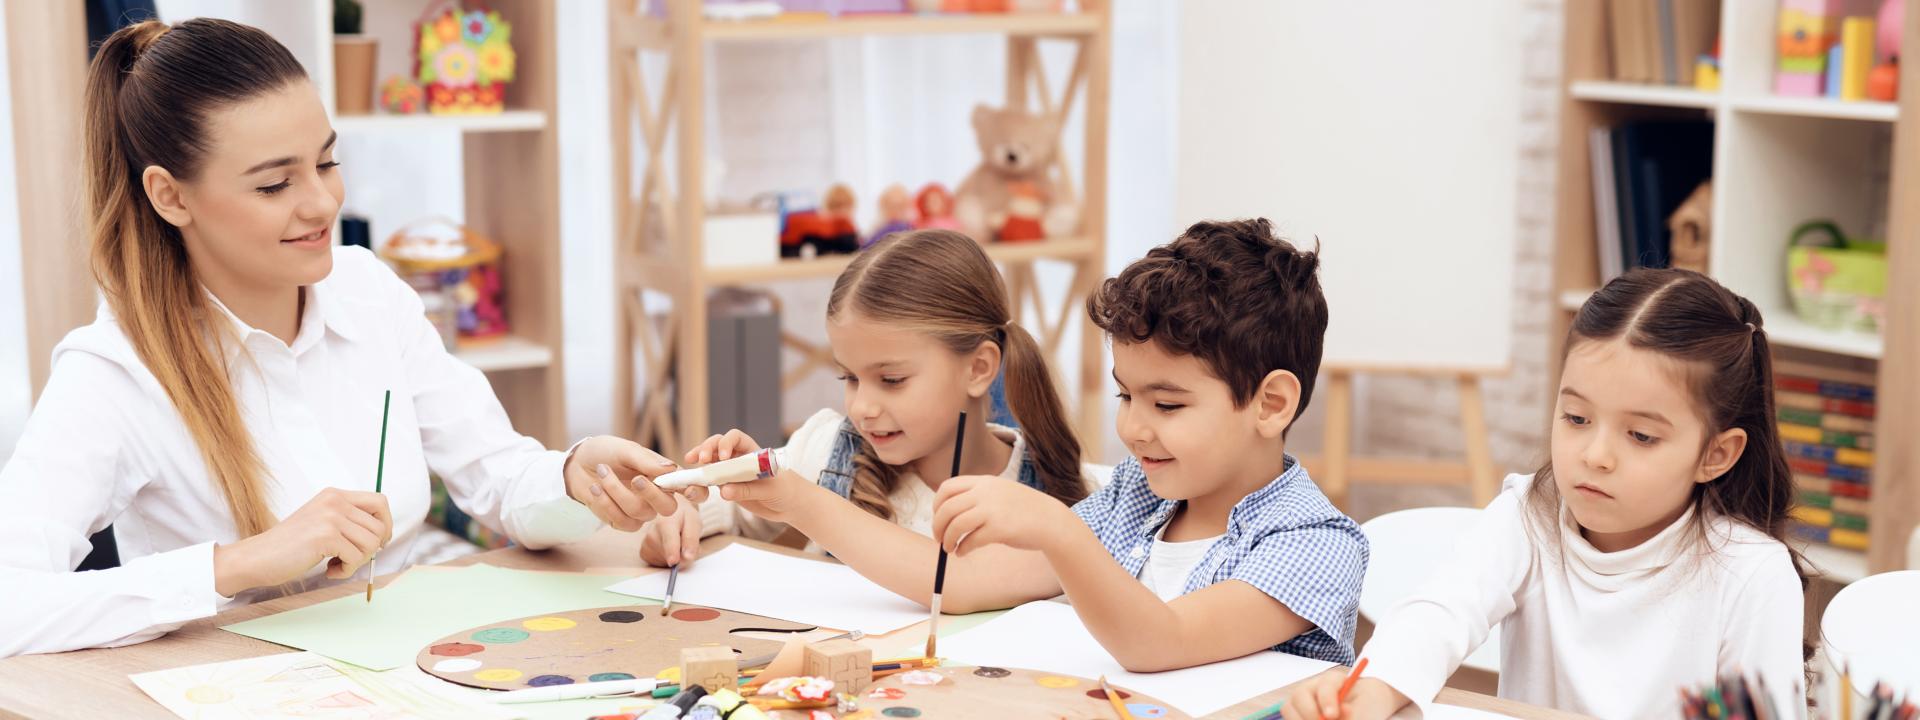 Арт-курсы для детей 4-6 лет